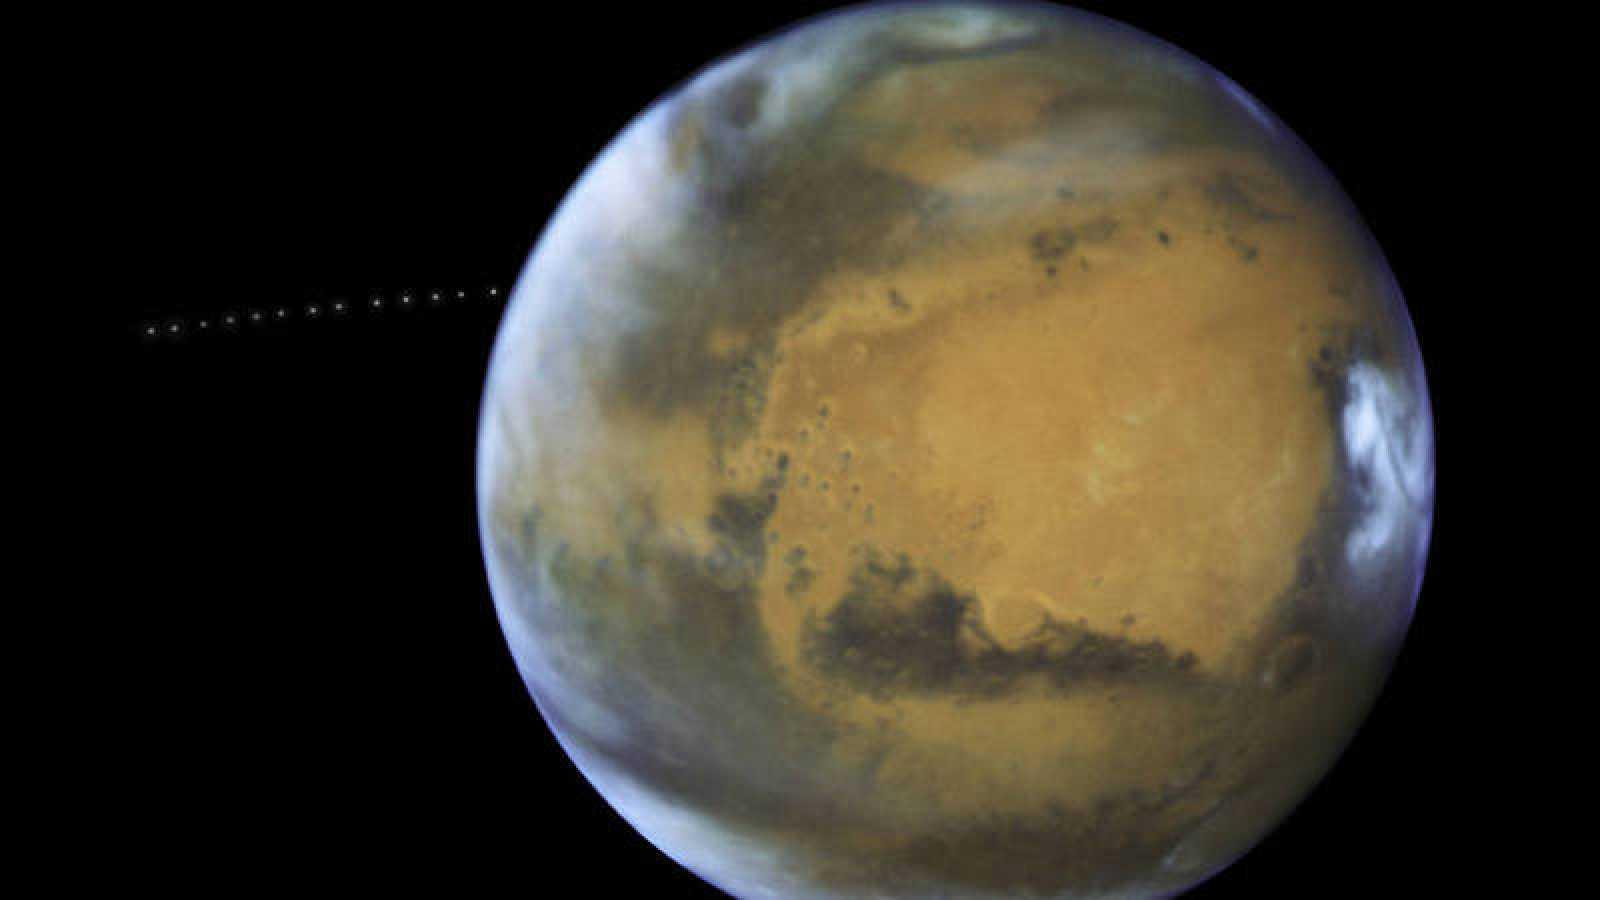 Hubble capturó la luna Fobos orbitando Marte